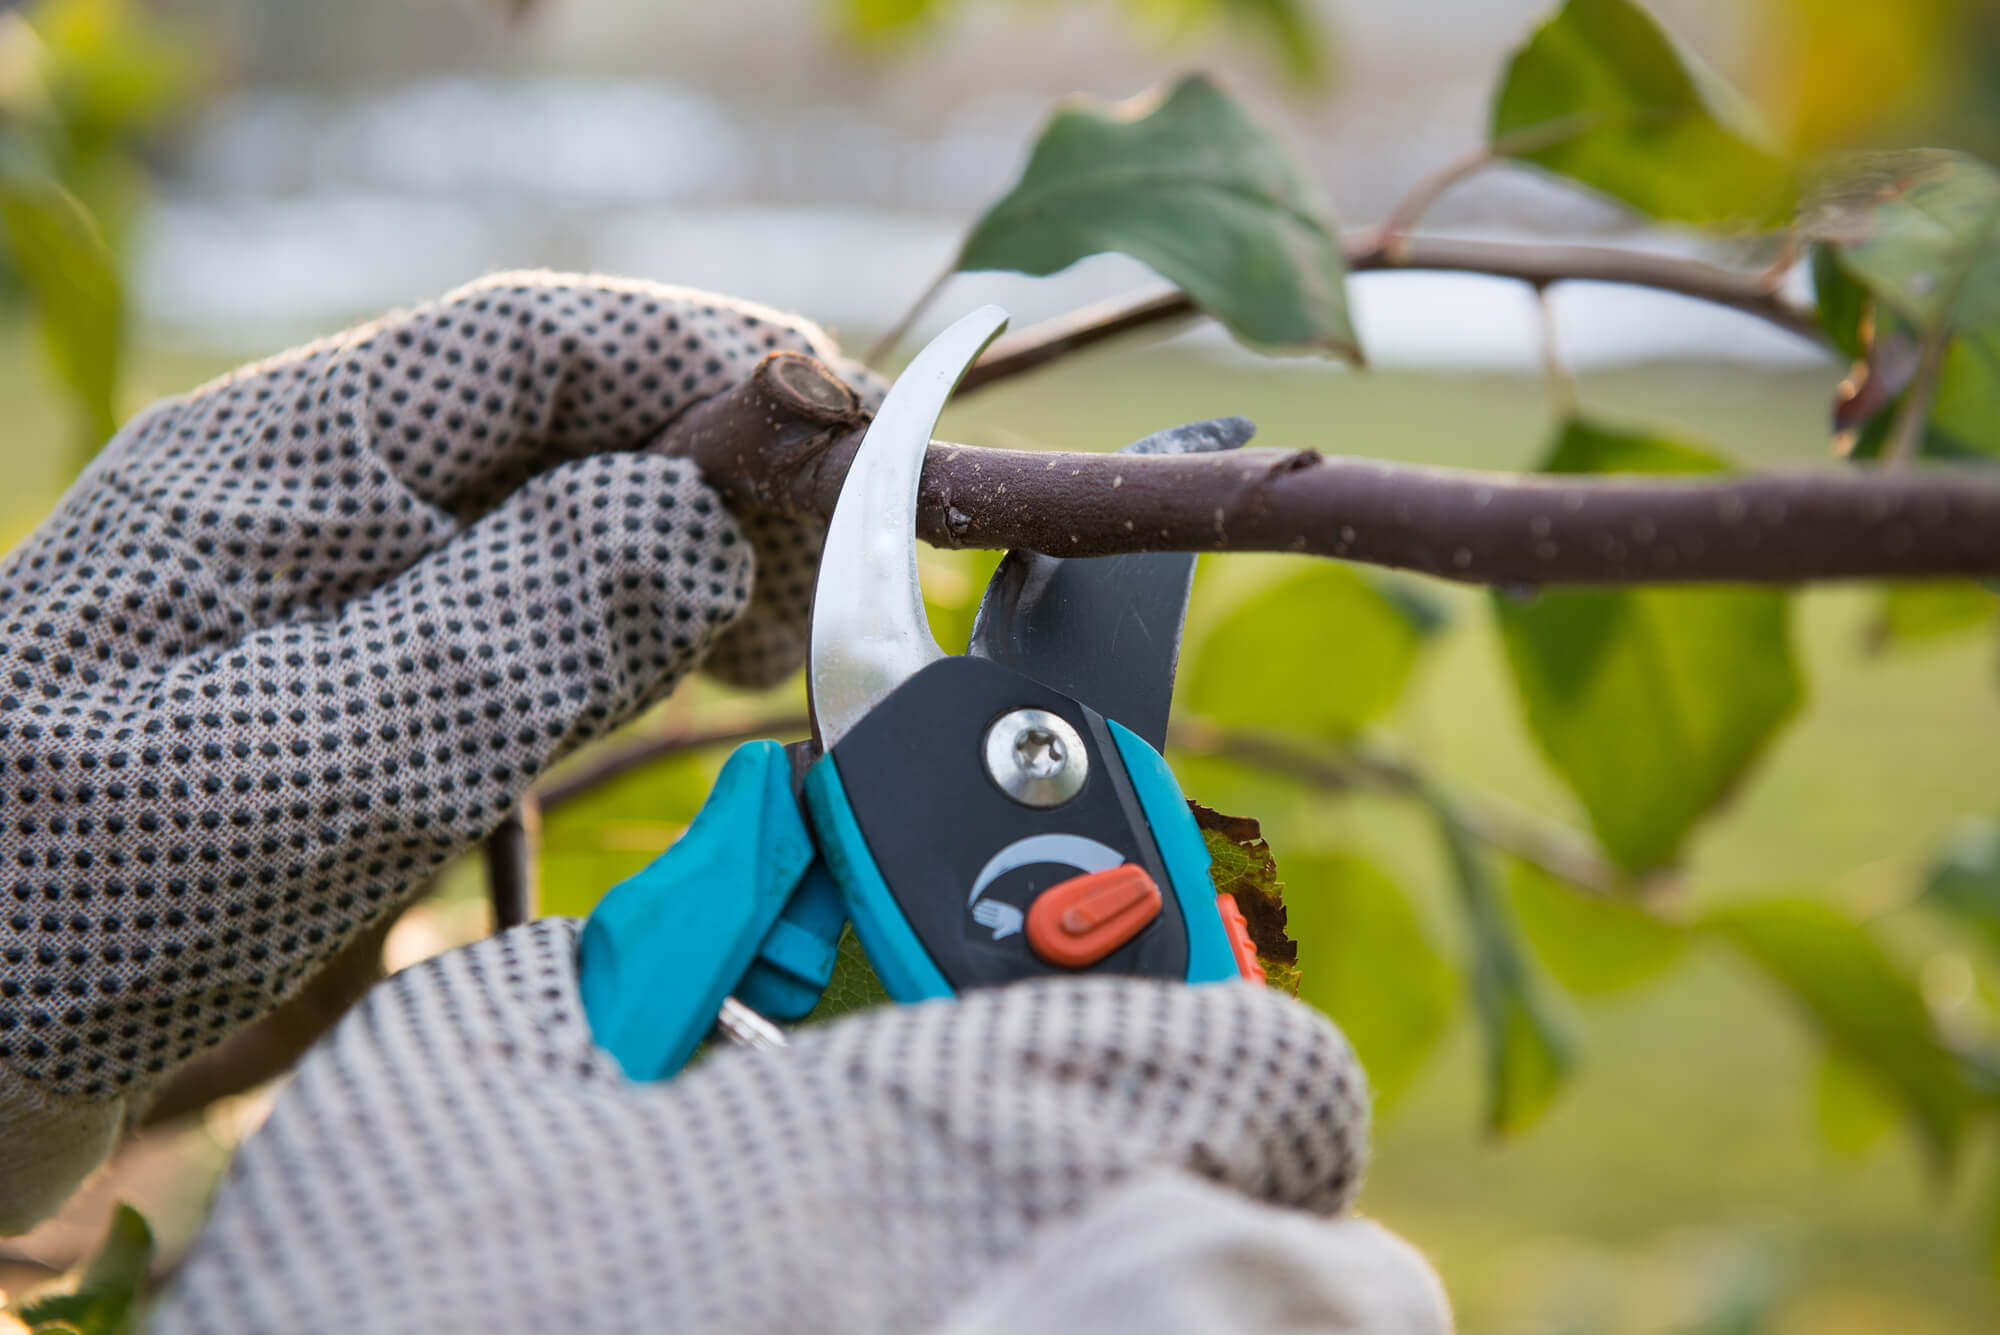 pruning tree branch